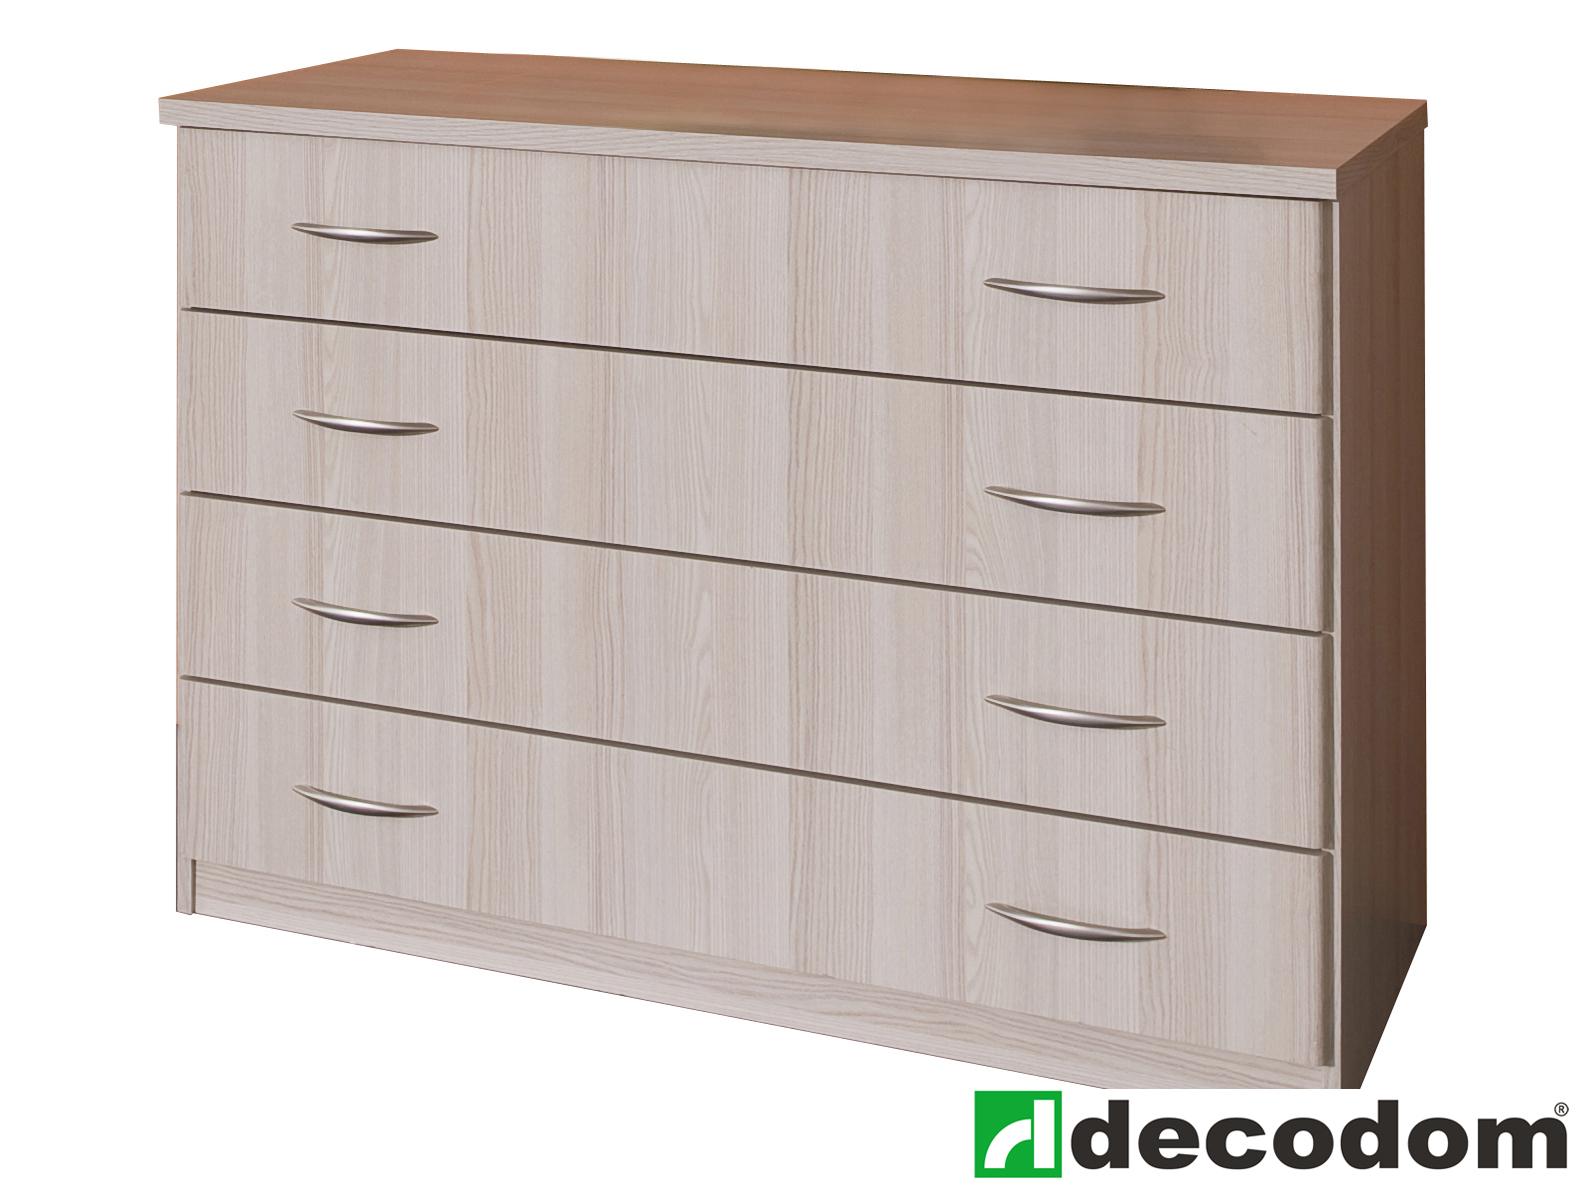 Komoda - Decodom - Cassanova - 4Z jaseň coimbra